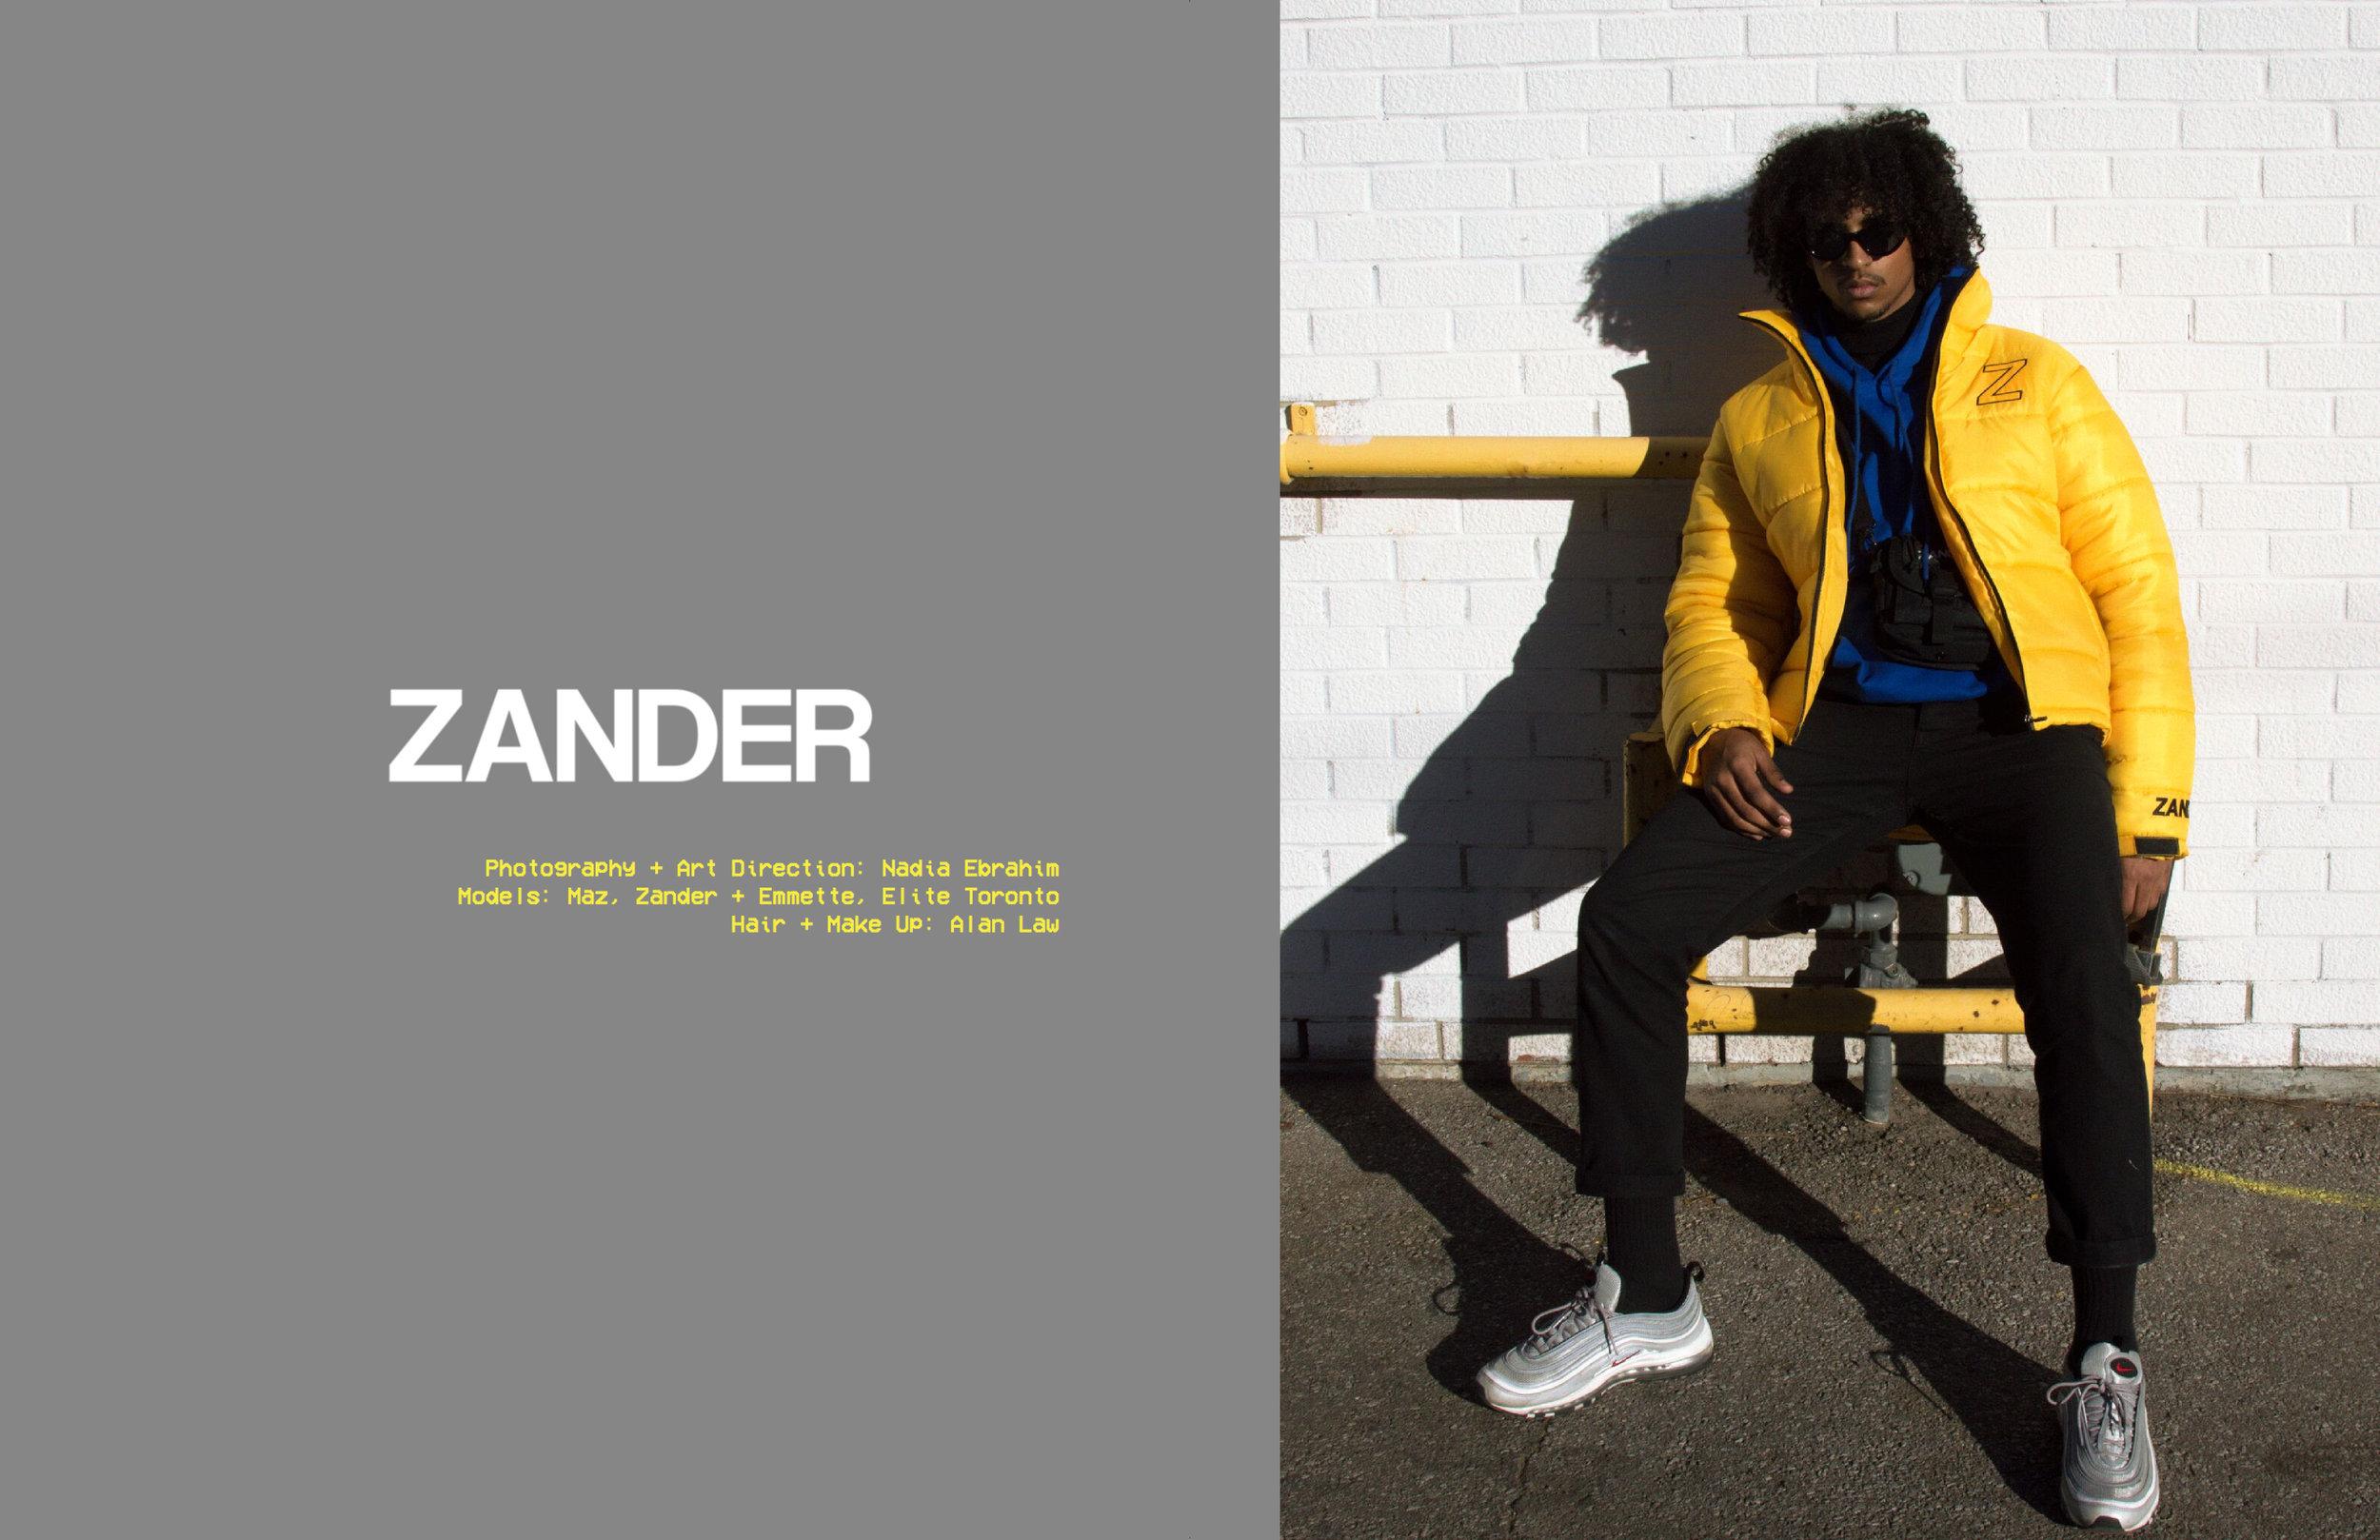 Zander_Editorial-01.jpg